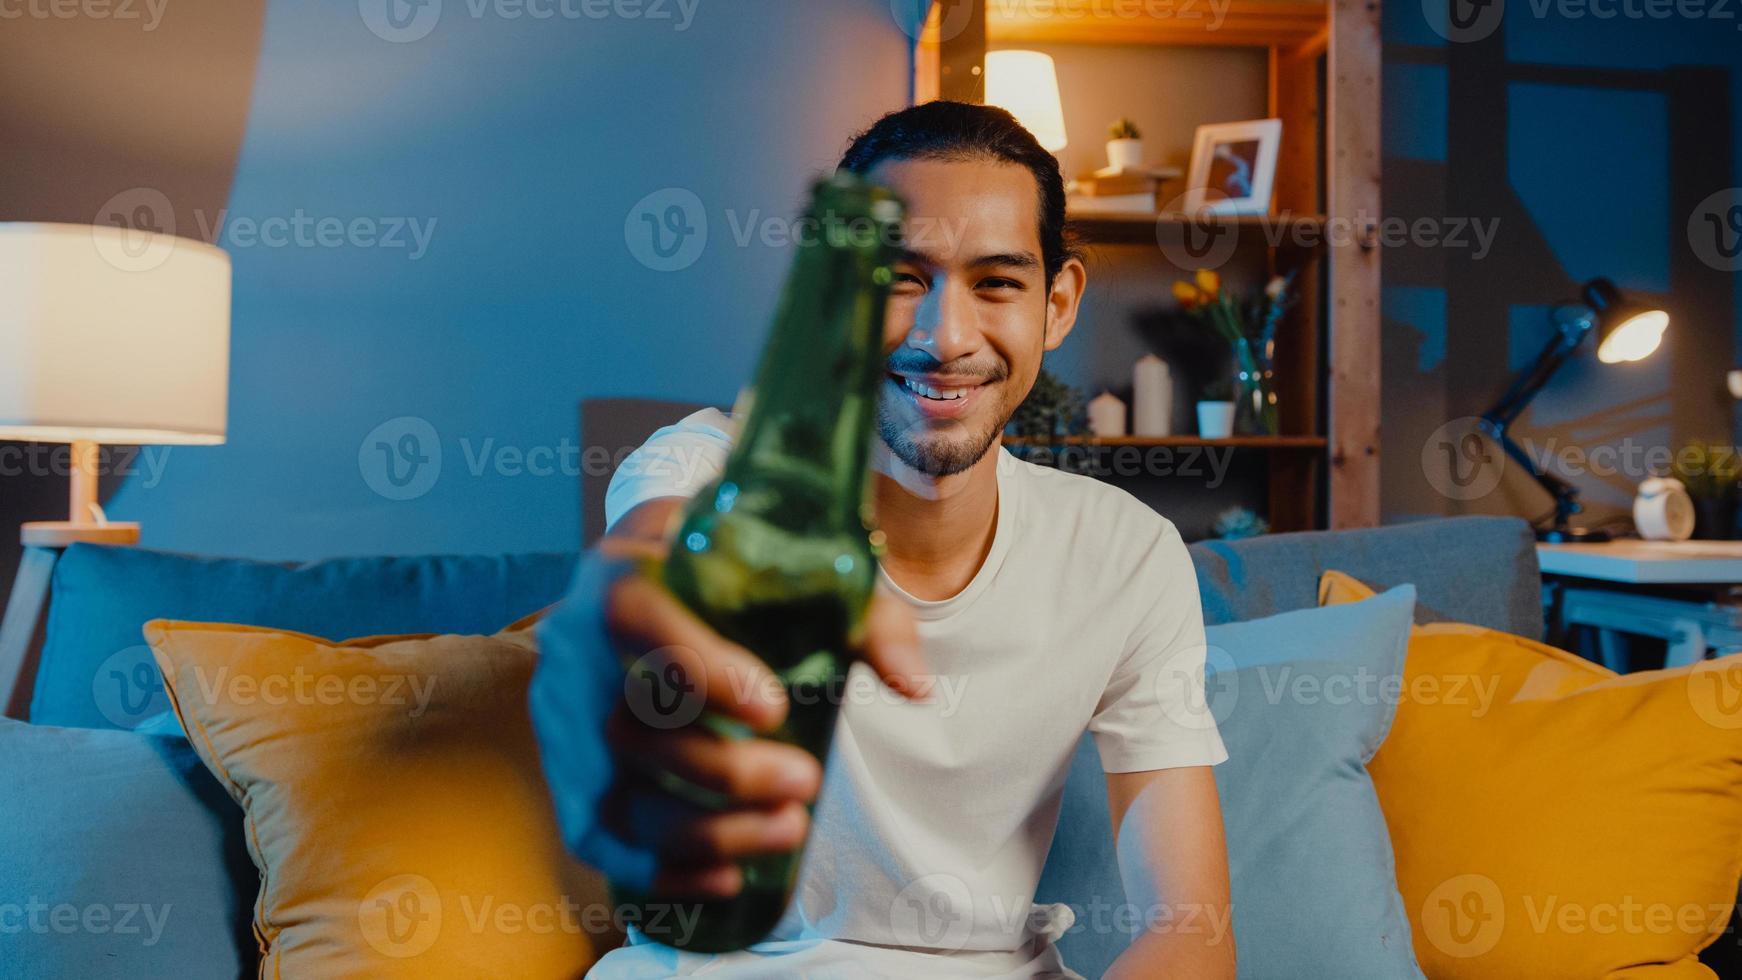 felice giovane uomo asiatico che guarda la macchina fotografica godetevi l'evento della festa notturna online con gli amici brindare bevendo birra tramite videochiamata online nel soggiorno di casa, stare a casa in quarantena, concetto di distanza sociale. foto